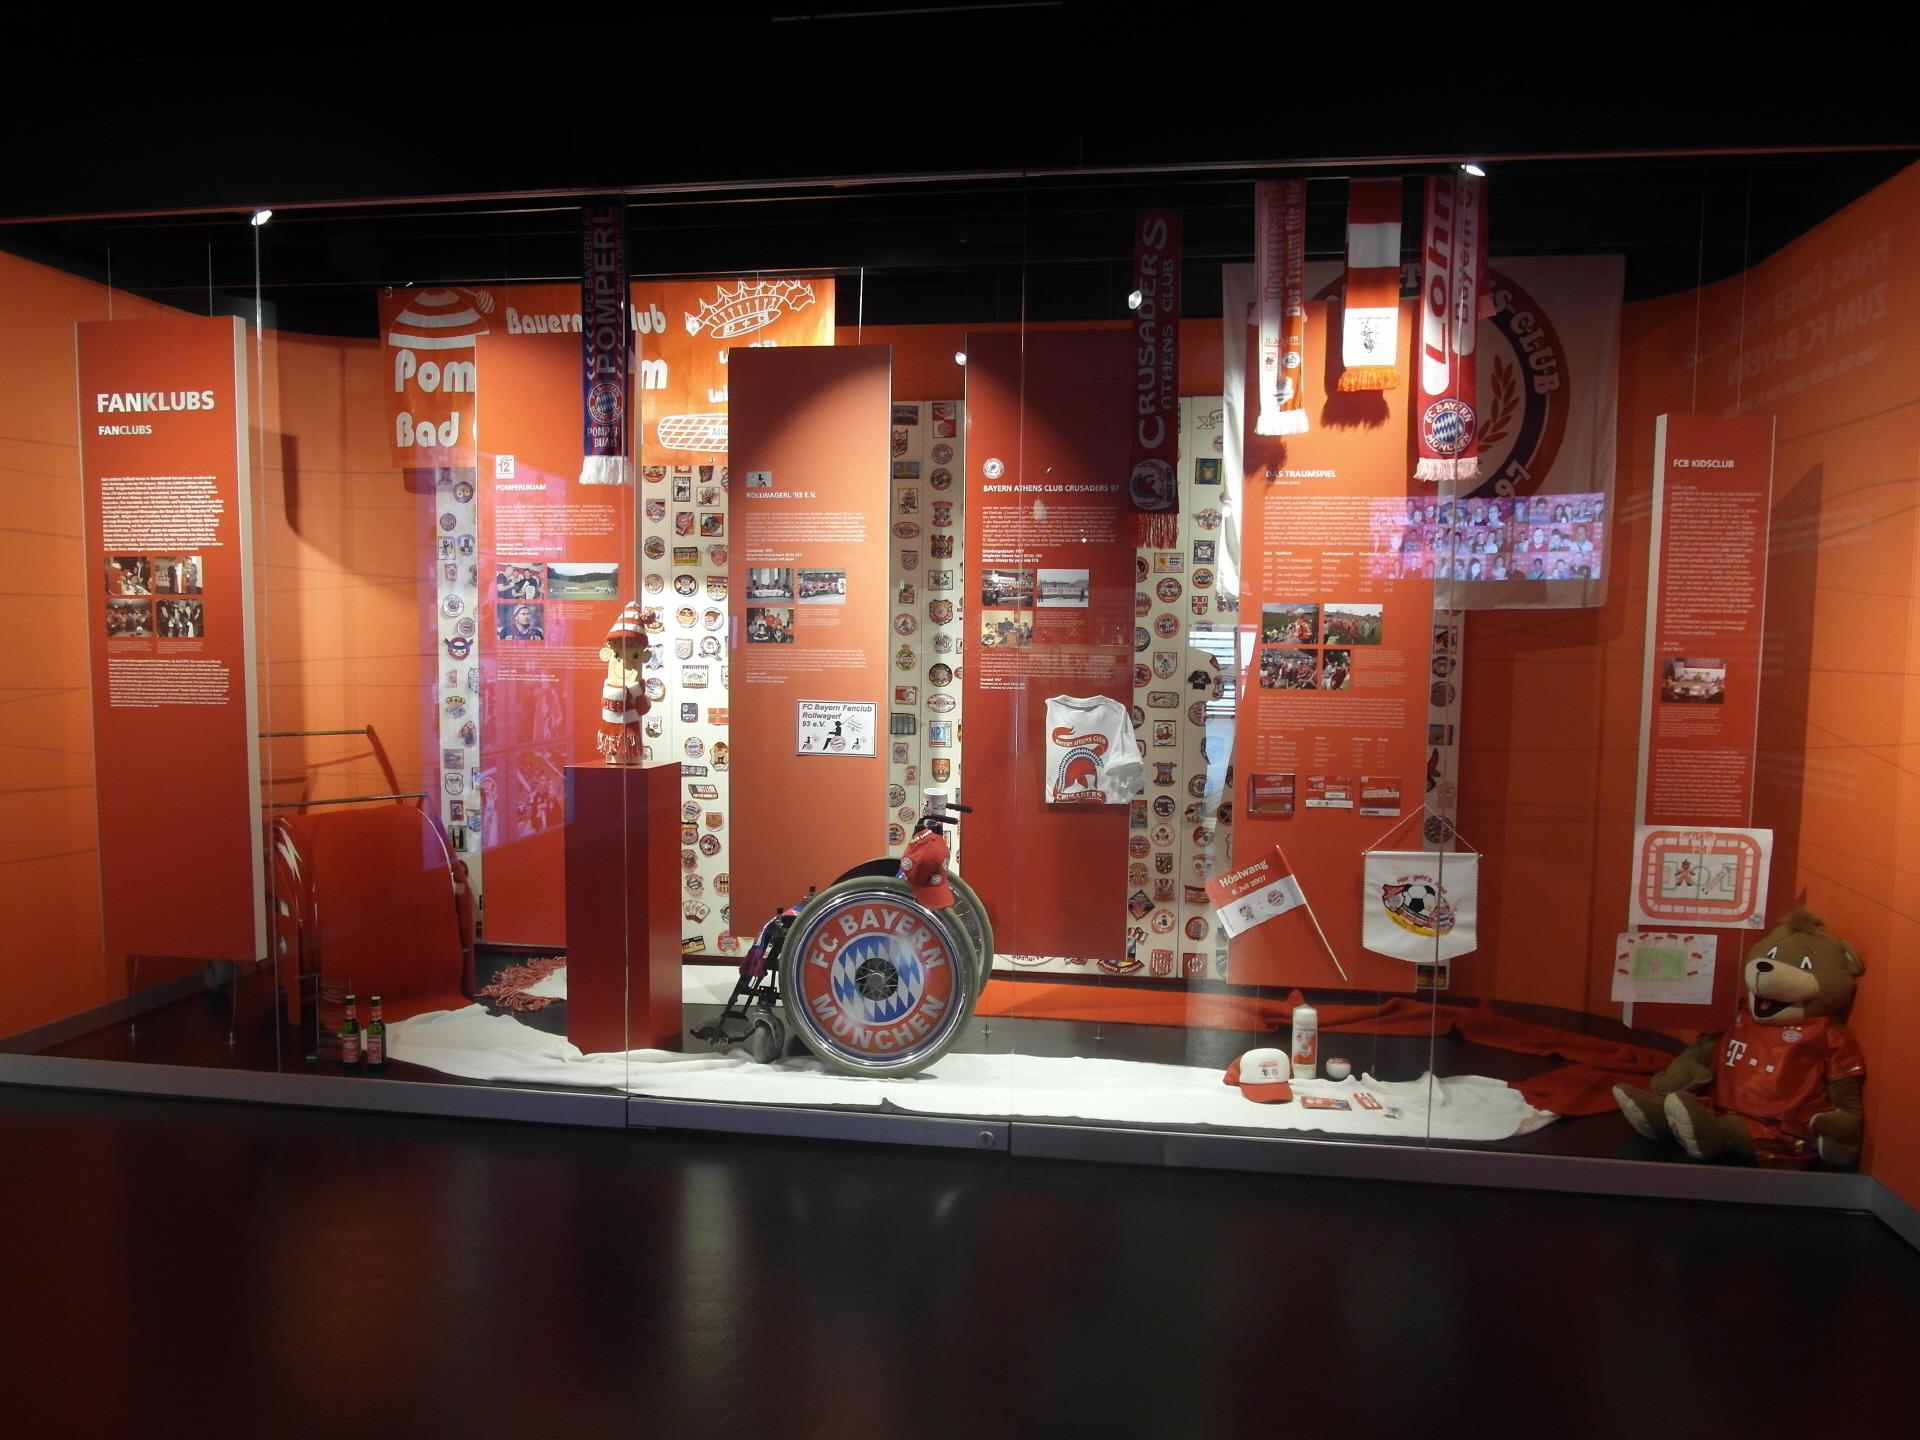 Schaufenster mit diversen Fanartikeln des Rollwagerl 93 eV, präsentiert auf einem Rollstuhl im Rollwagerldesign